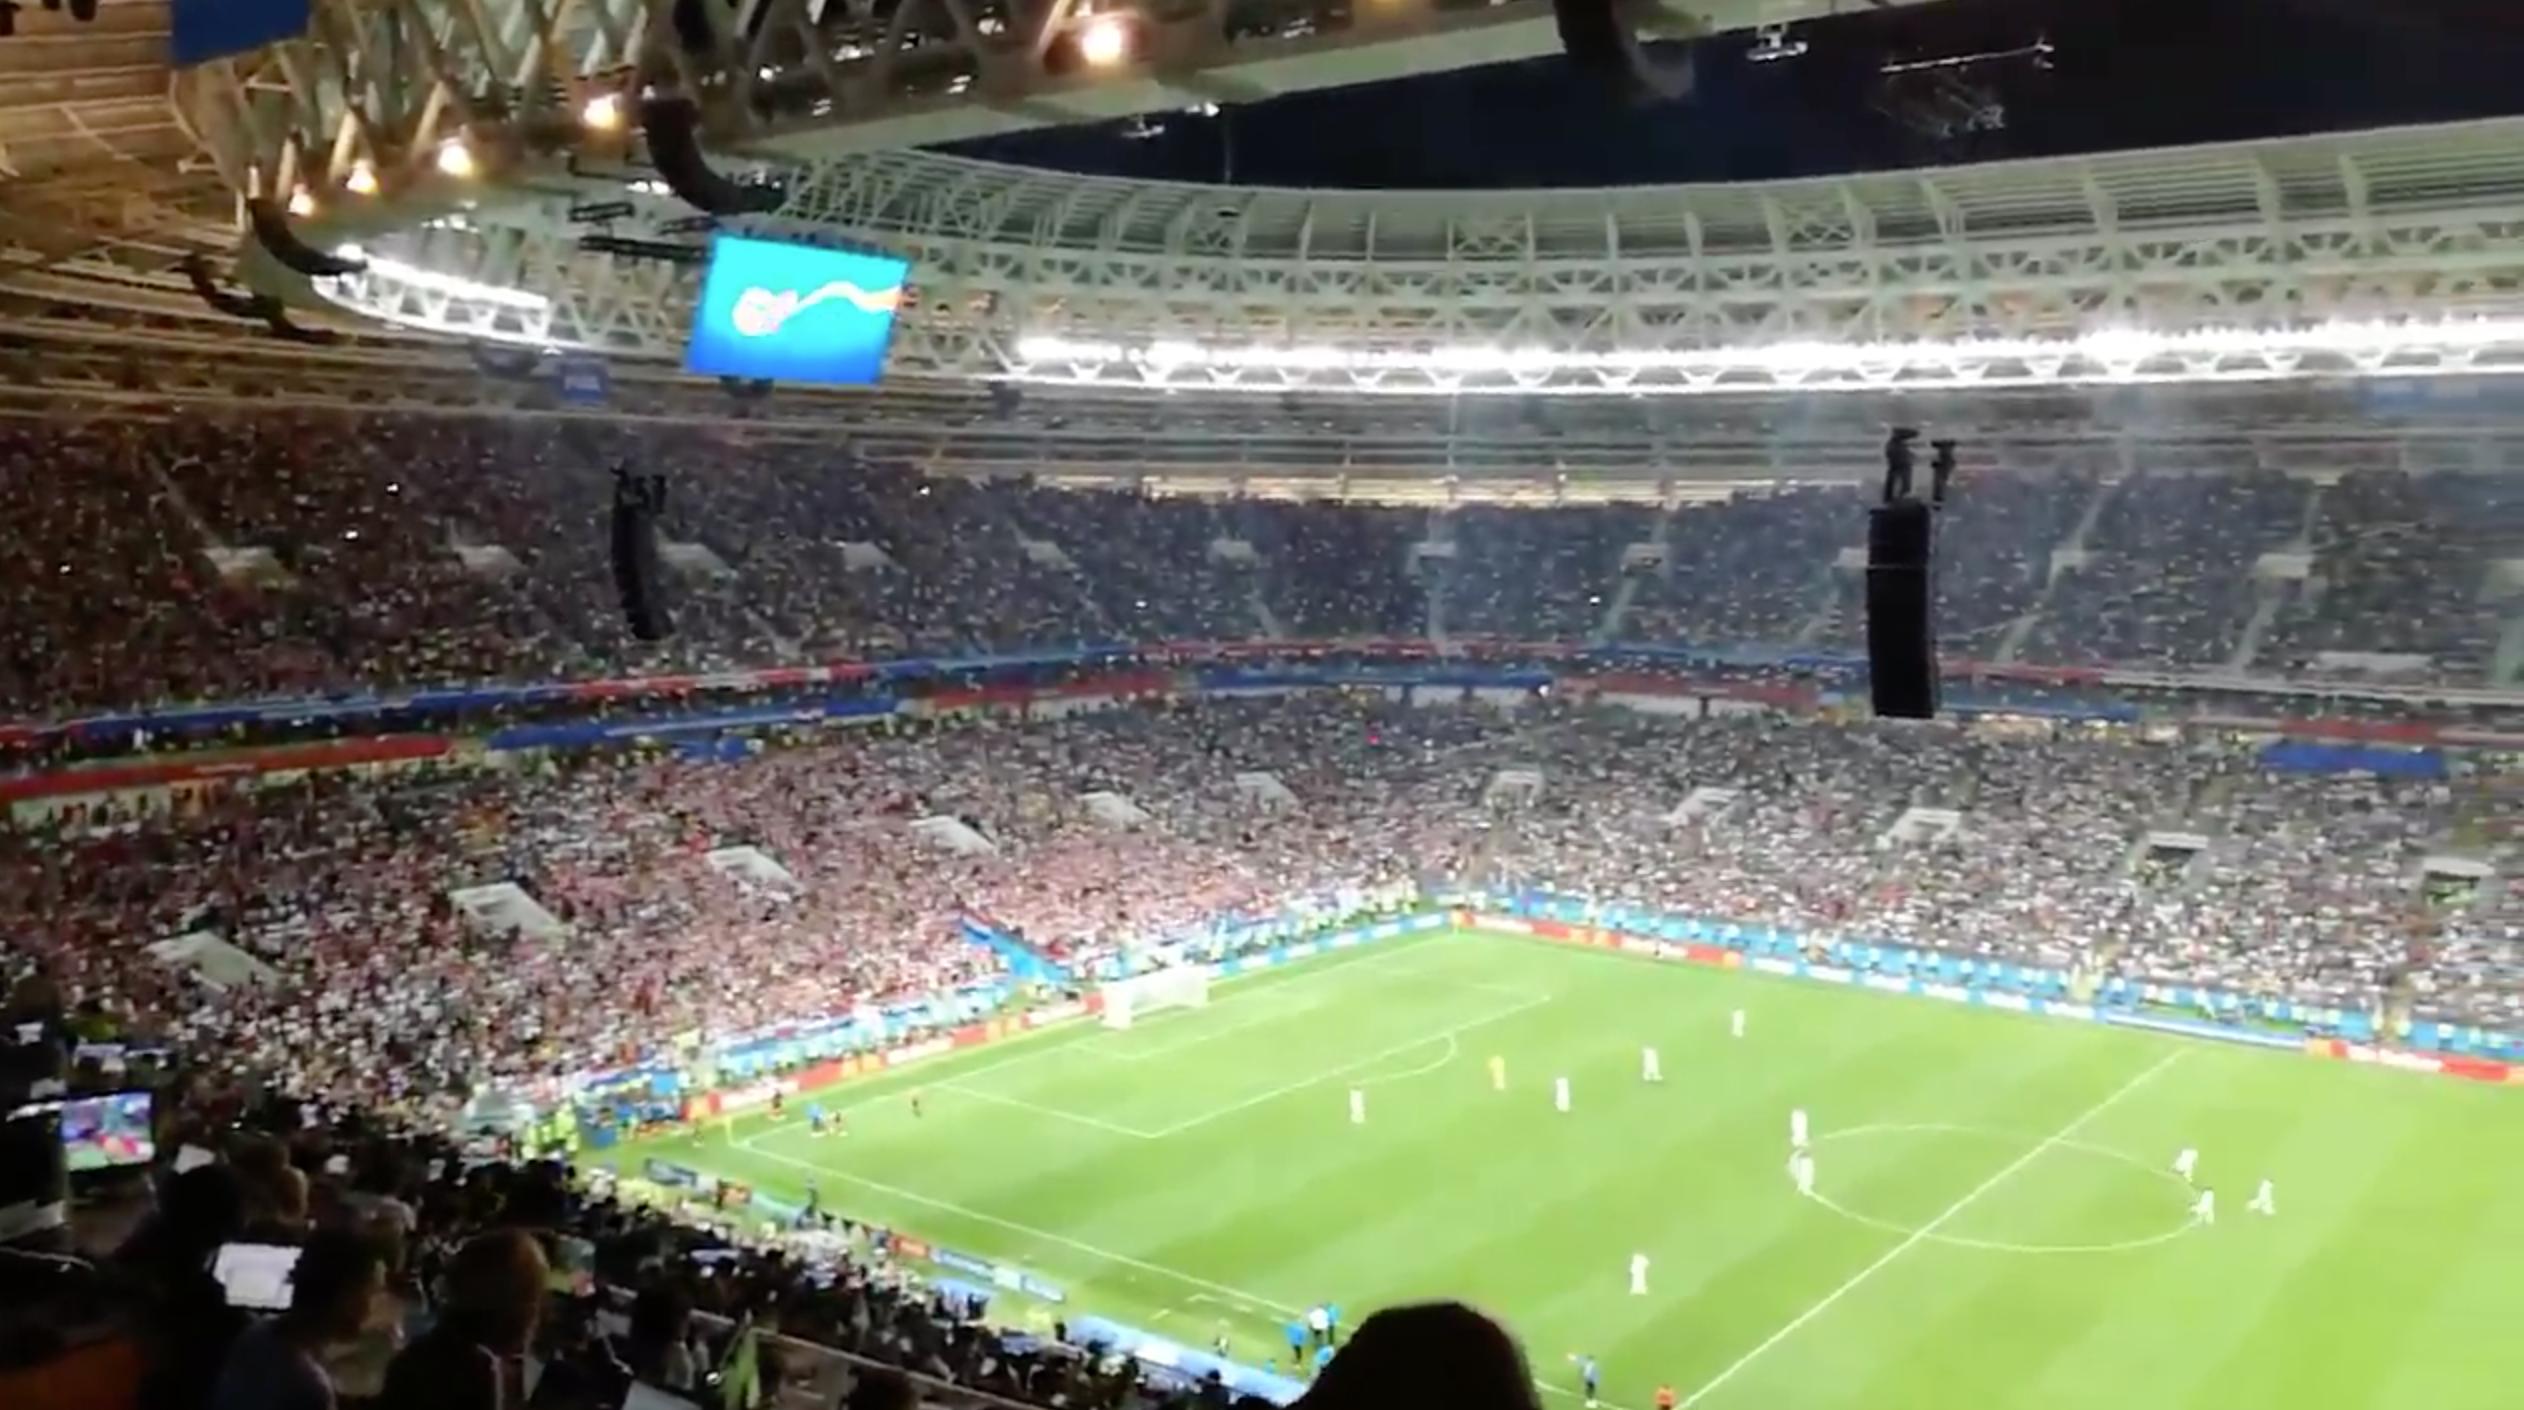 这也可以?英格兰球员趁克罗地亚庆祝时开球进攻